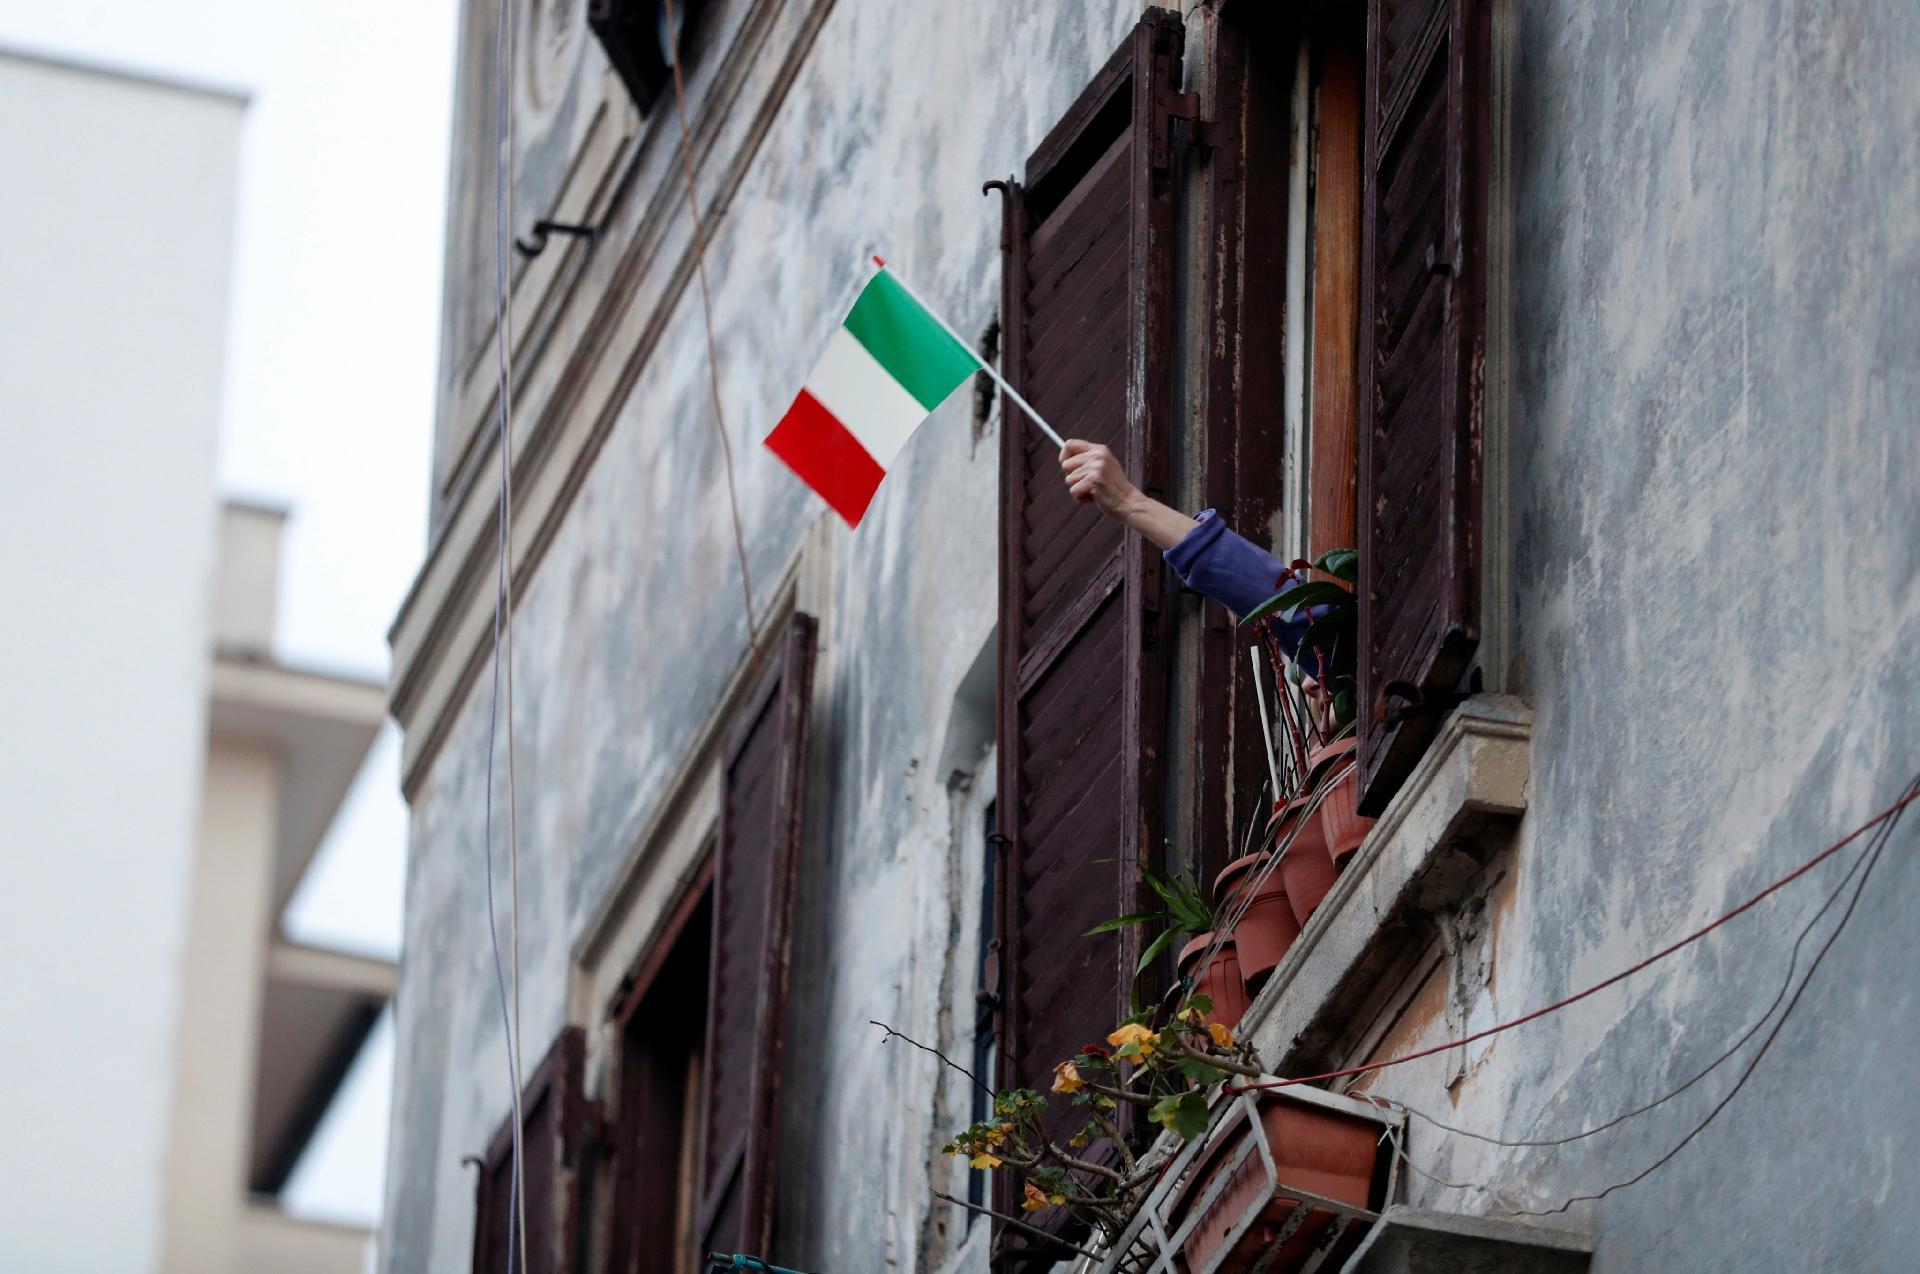 História de superação que vem da Itália, renova nossas esperanças de enfrentar o coronavirus